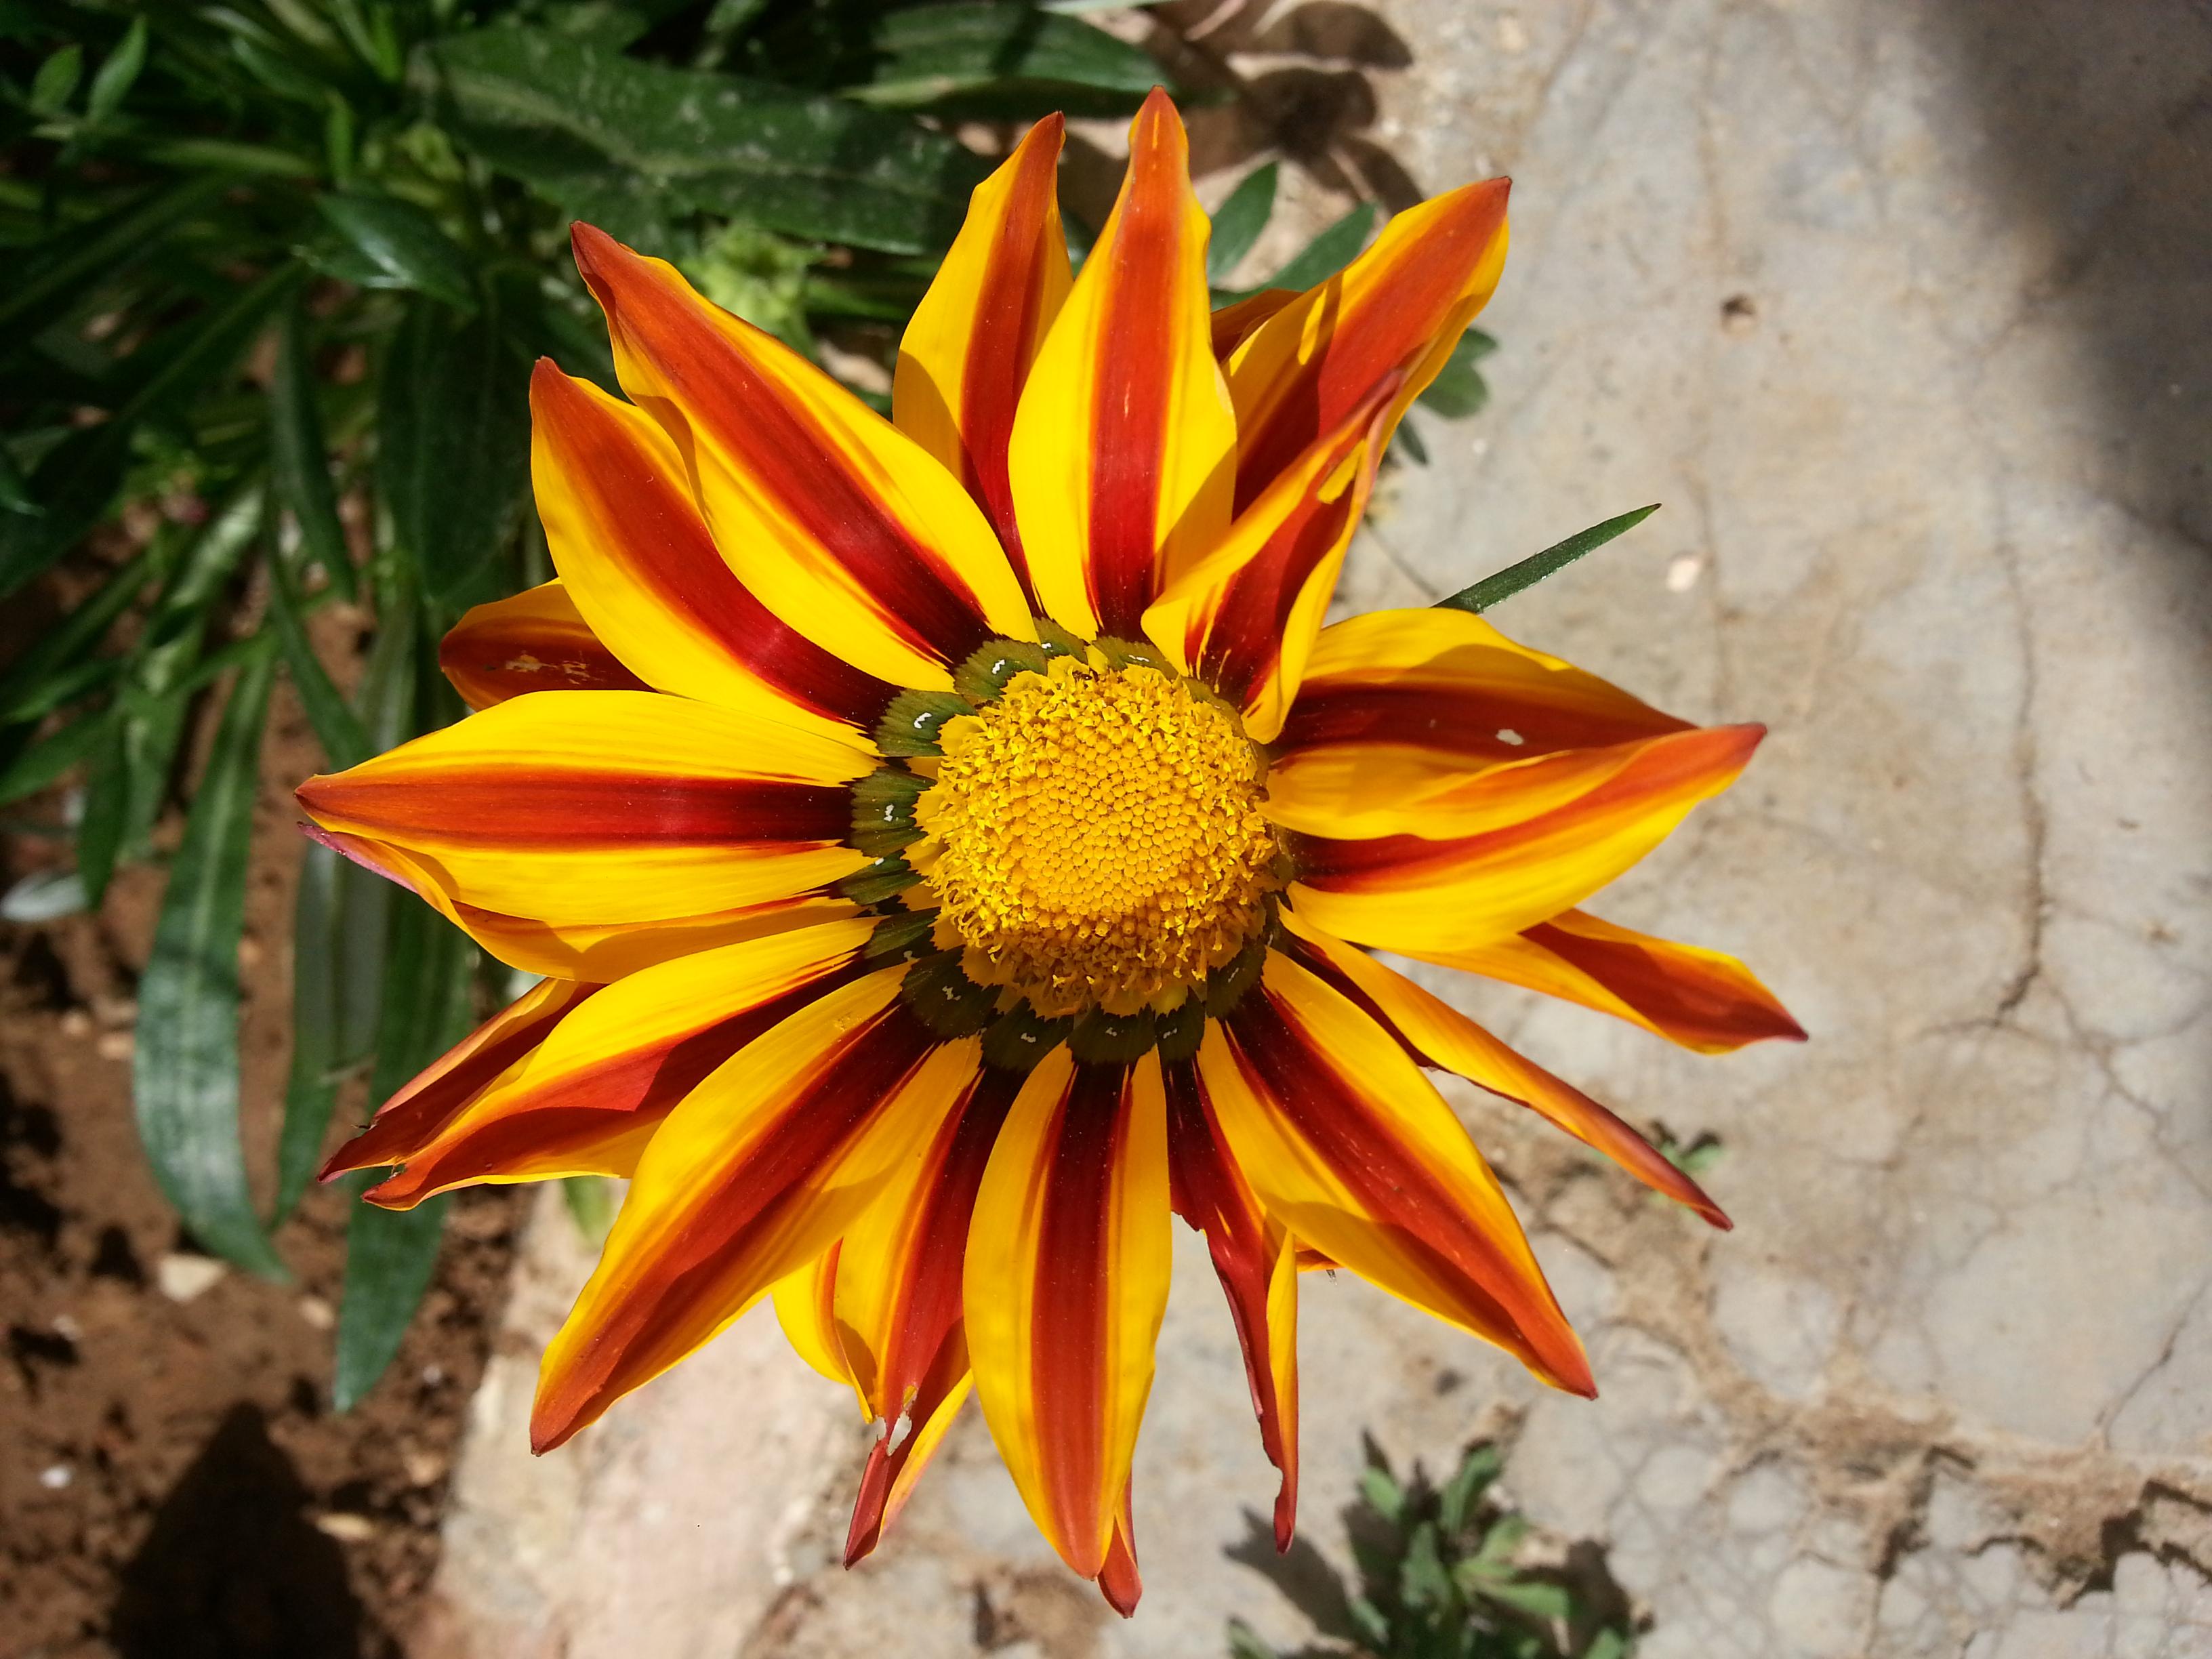 File:Fleurs de Jardin (5).jpg - Wikimedia Commons